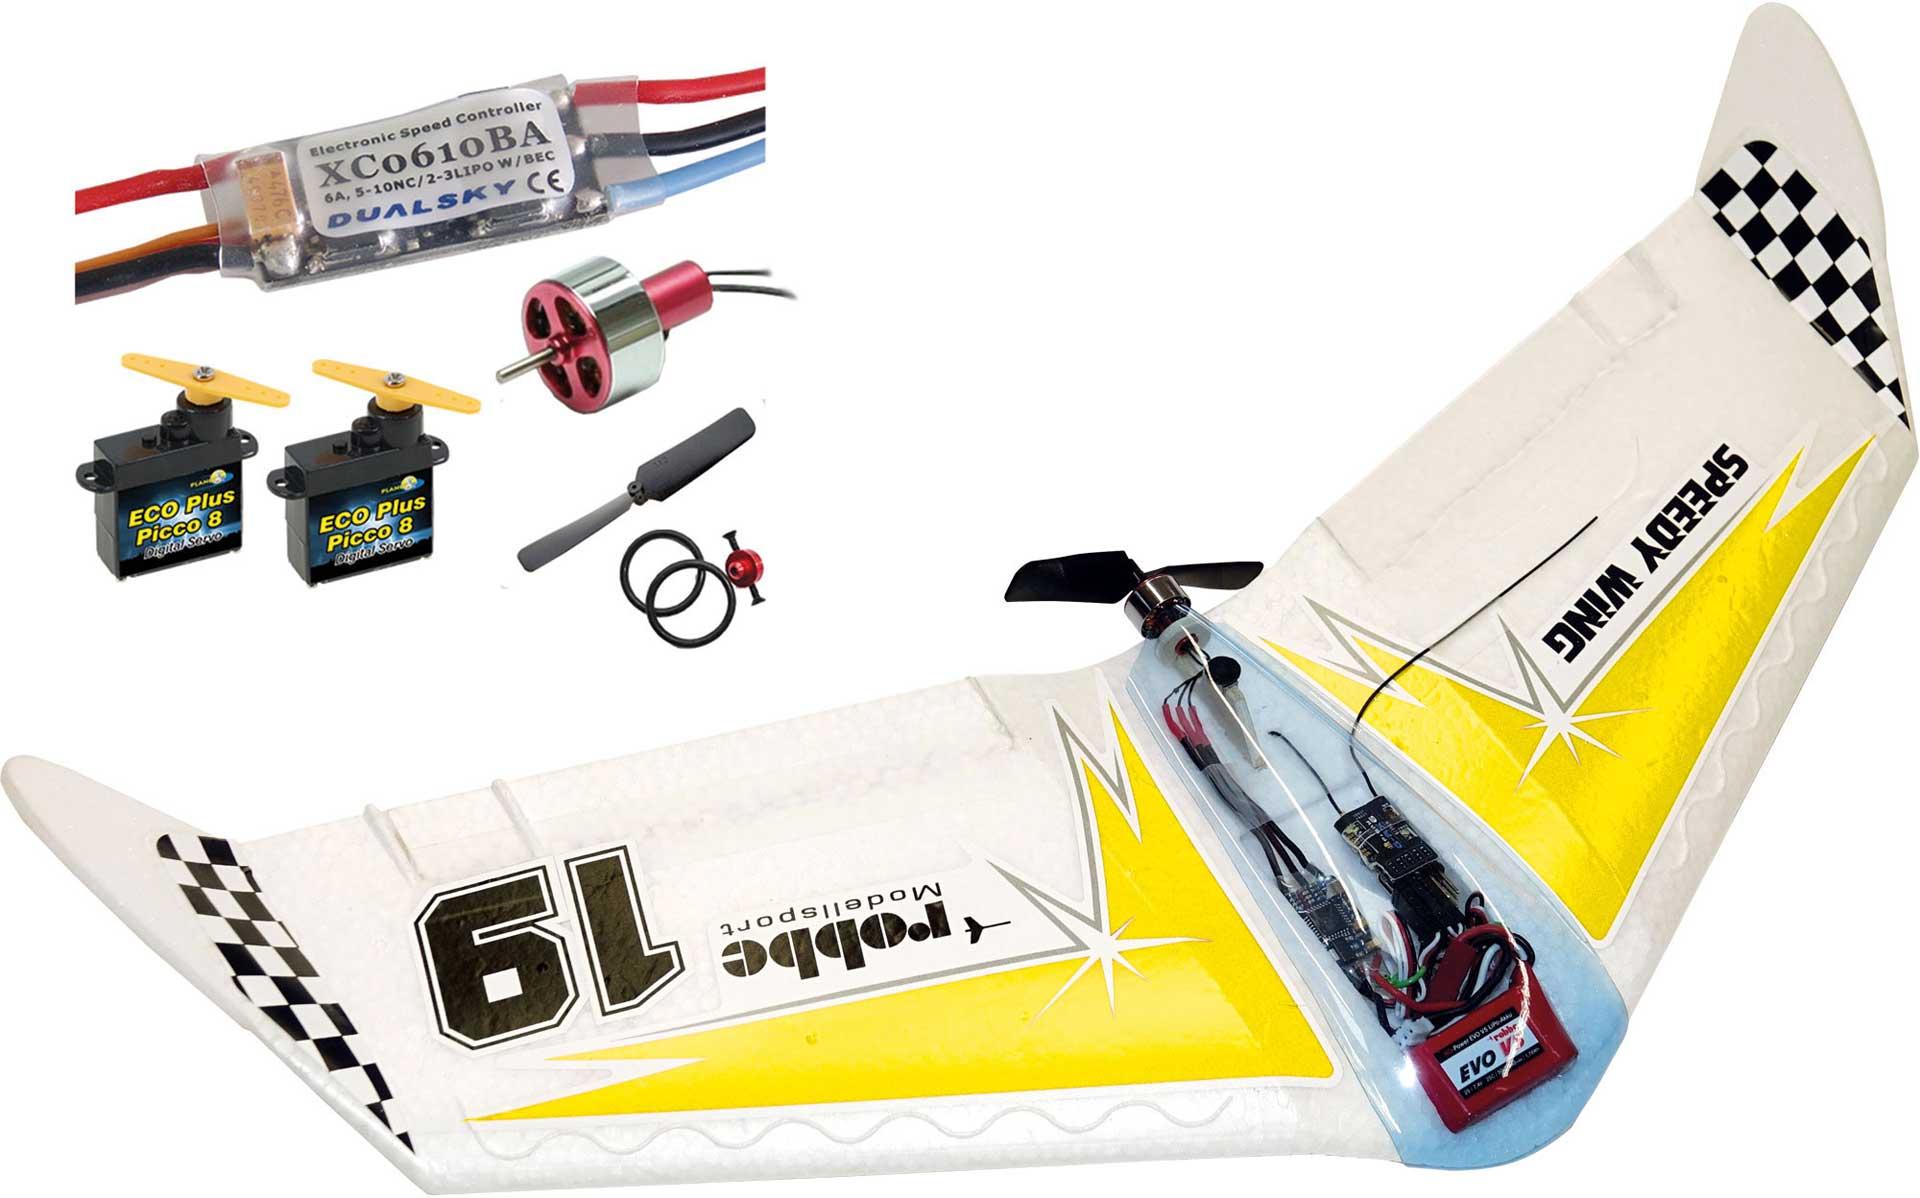 MODELLBAU LINDINGER SPEEDY WING Gelb Bausatz mit Antrieb und Servos